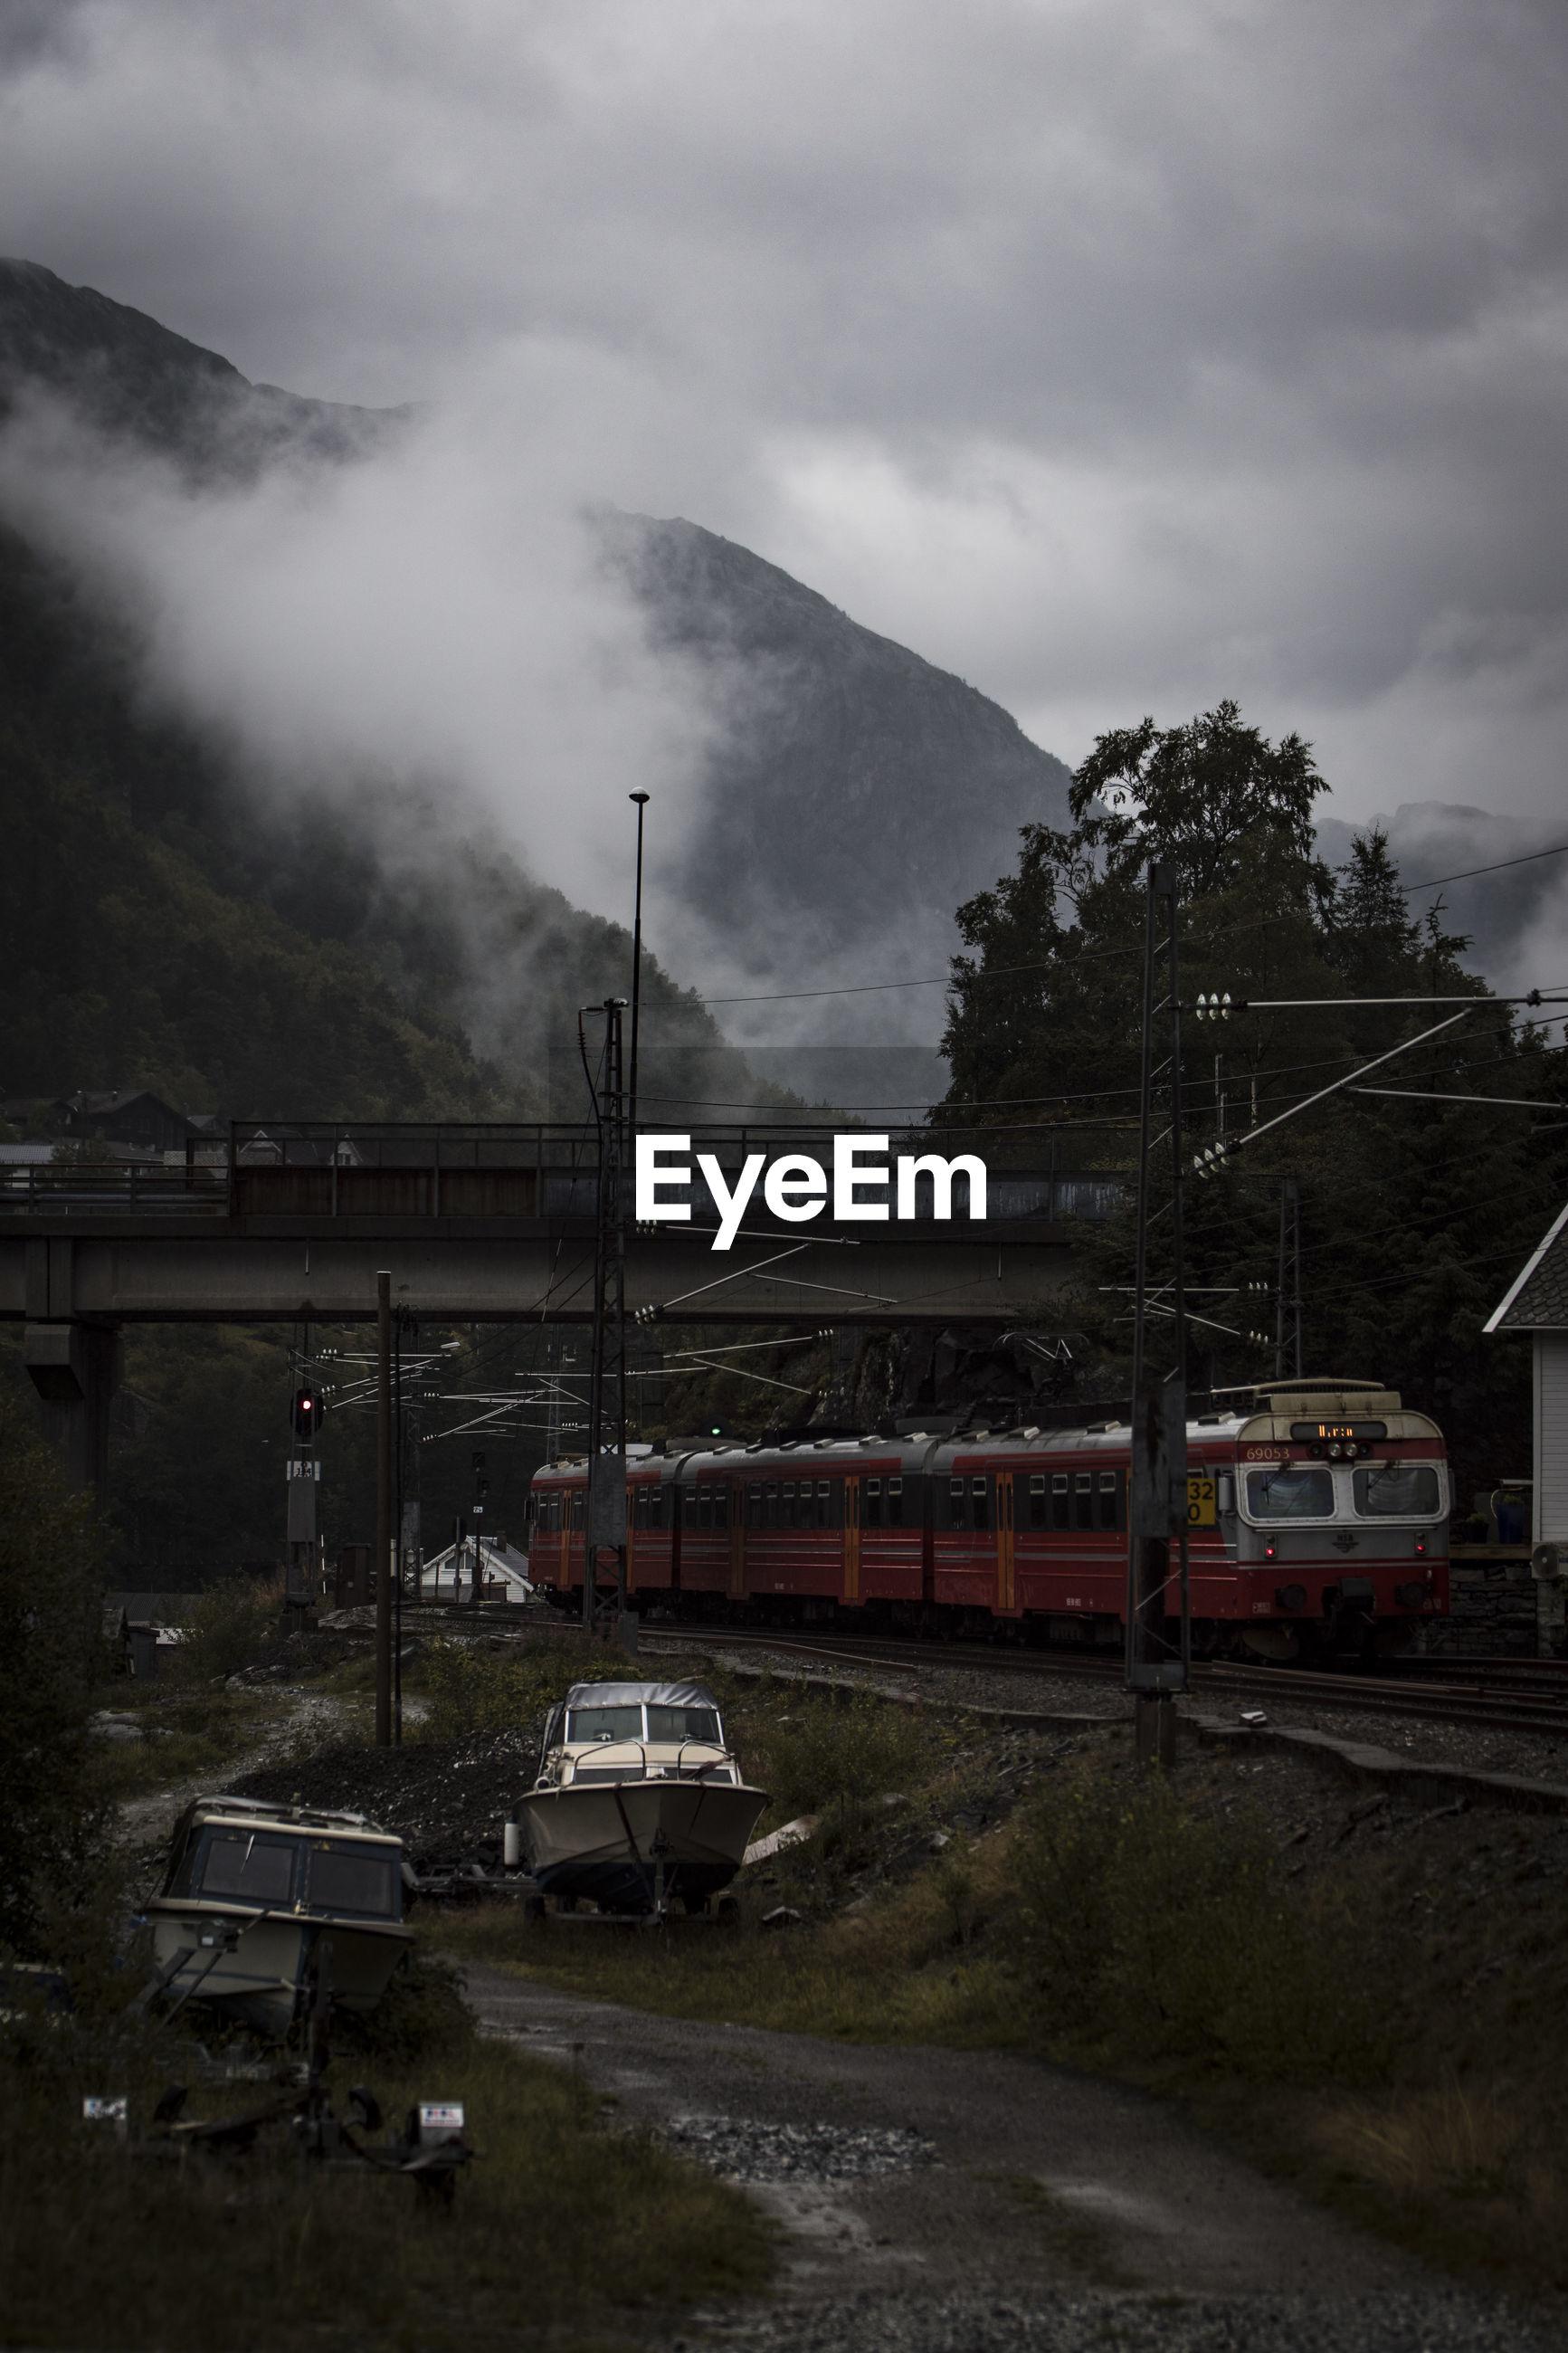 TRAIN AGAINST SKY ON MOUNTAIN